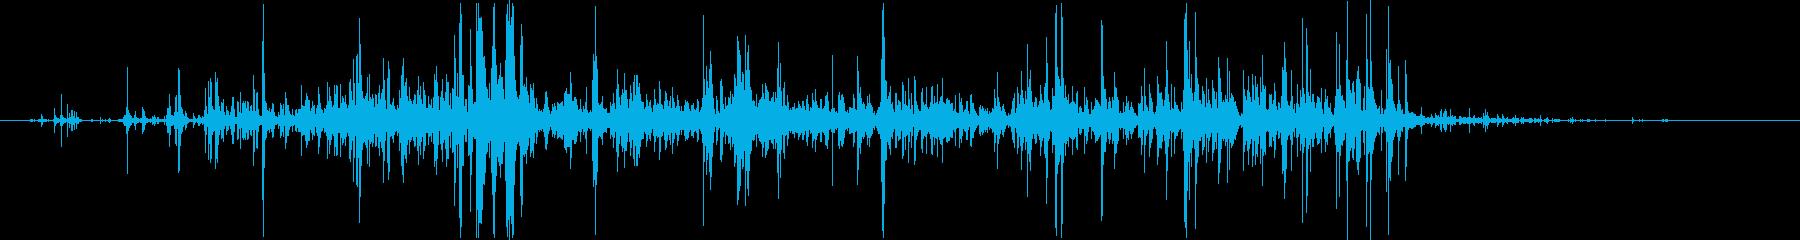 グラスに水を注ぐ音Bの再生済みの波形